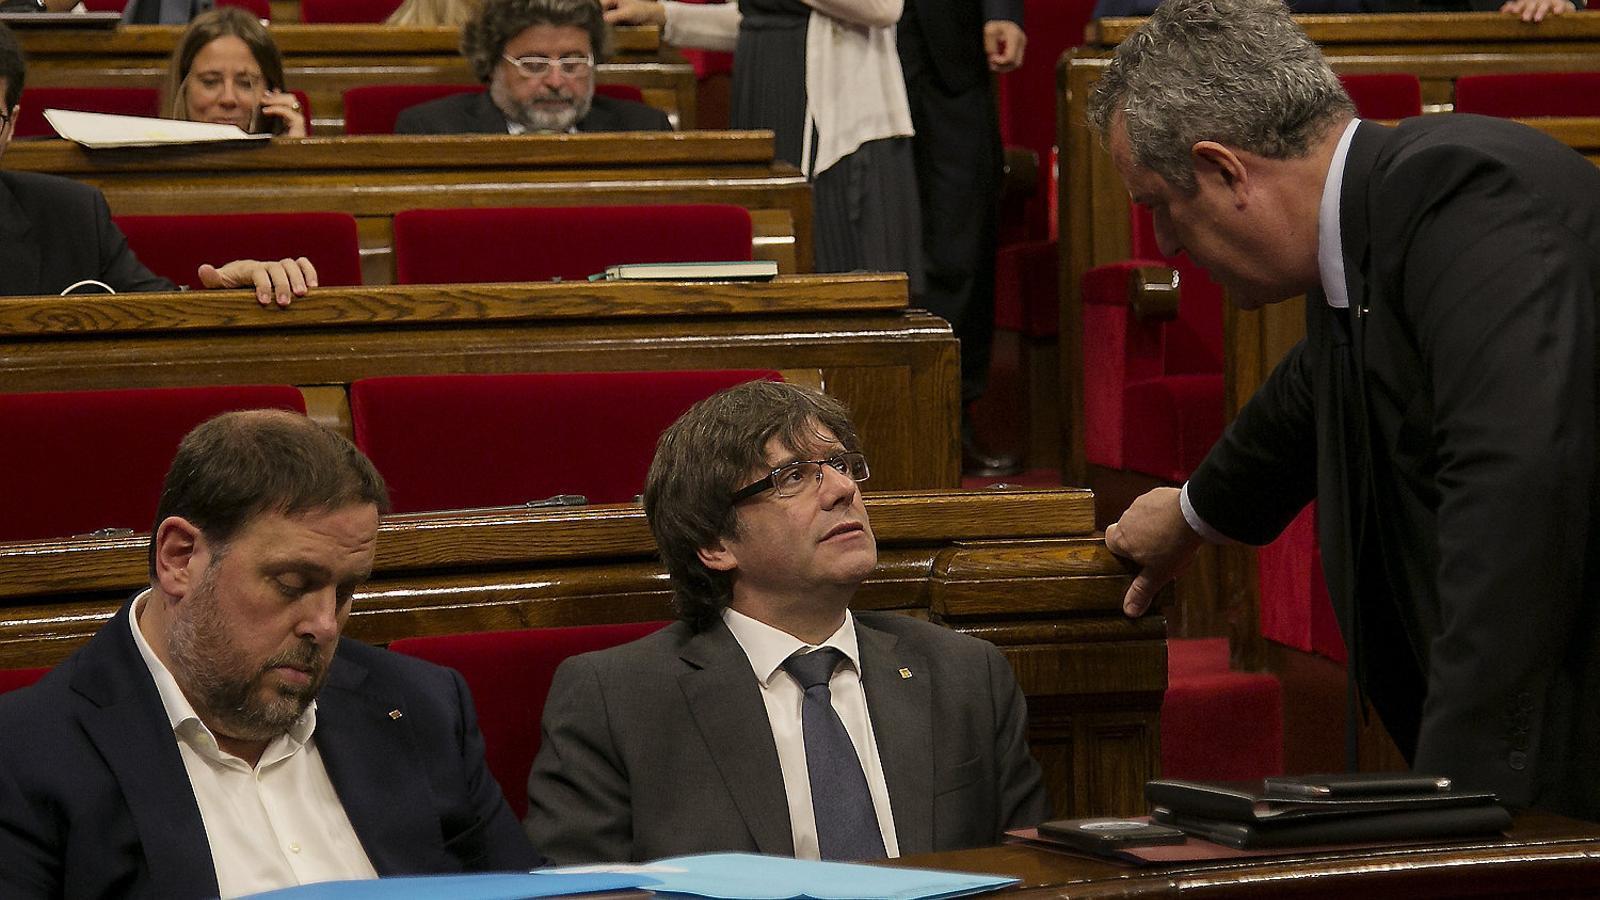 L'expresident Carles Puigdemont i l'exconseller Quim Forn parlant al Parlament en una imatge d'arxiu.